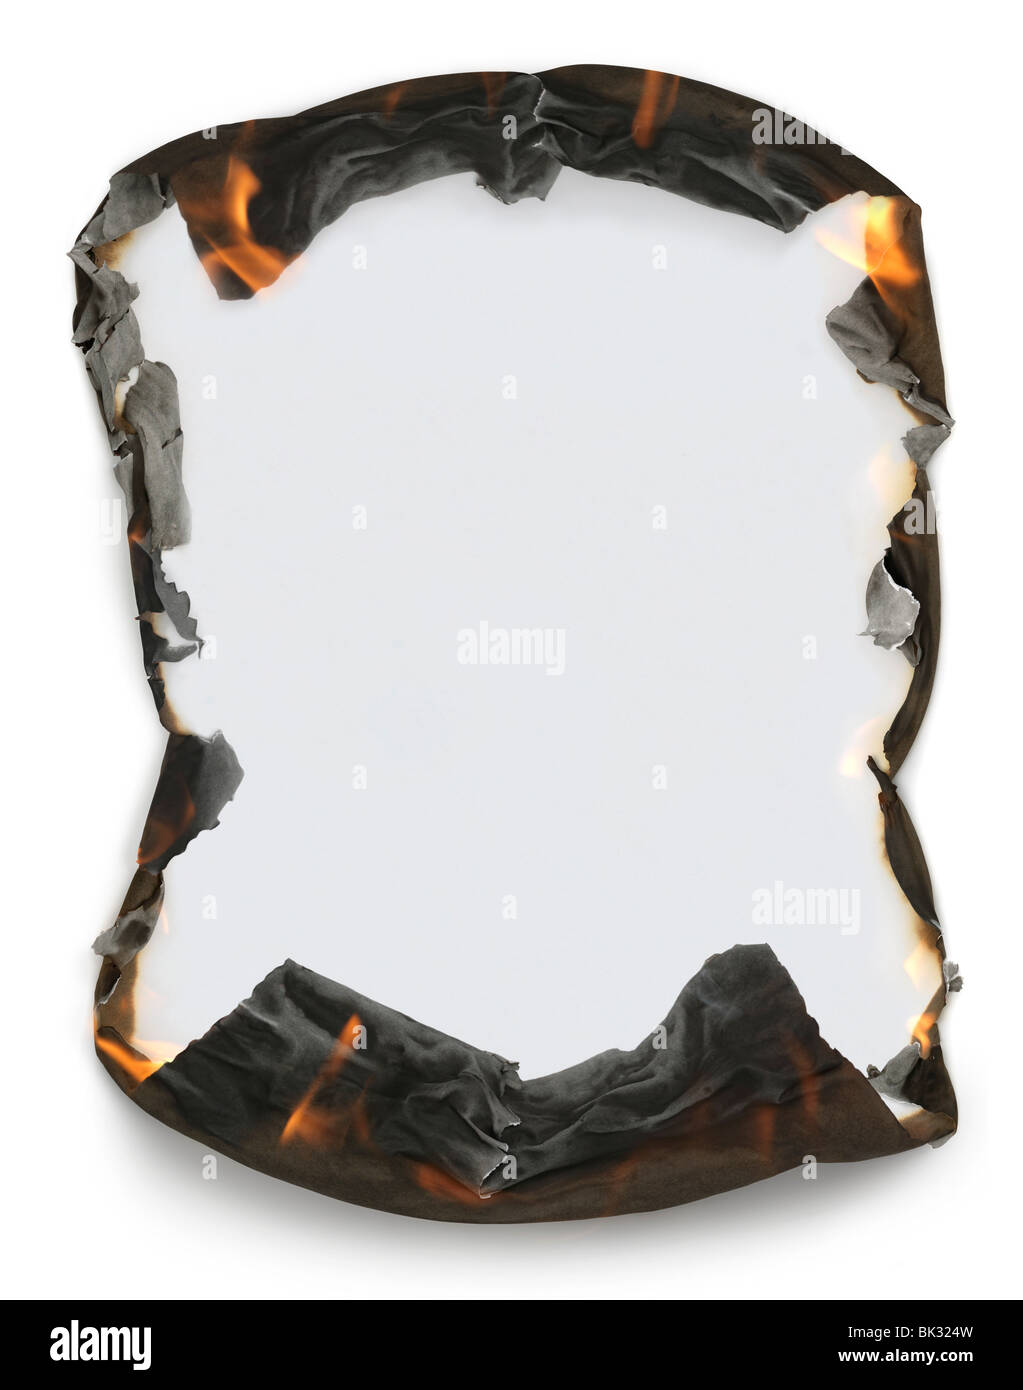 Hoja de papel en blanco con la quema de los bordes haciendo un bastidor. Aislado sobre fondo blanco con trazado Imagen De Stock